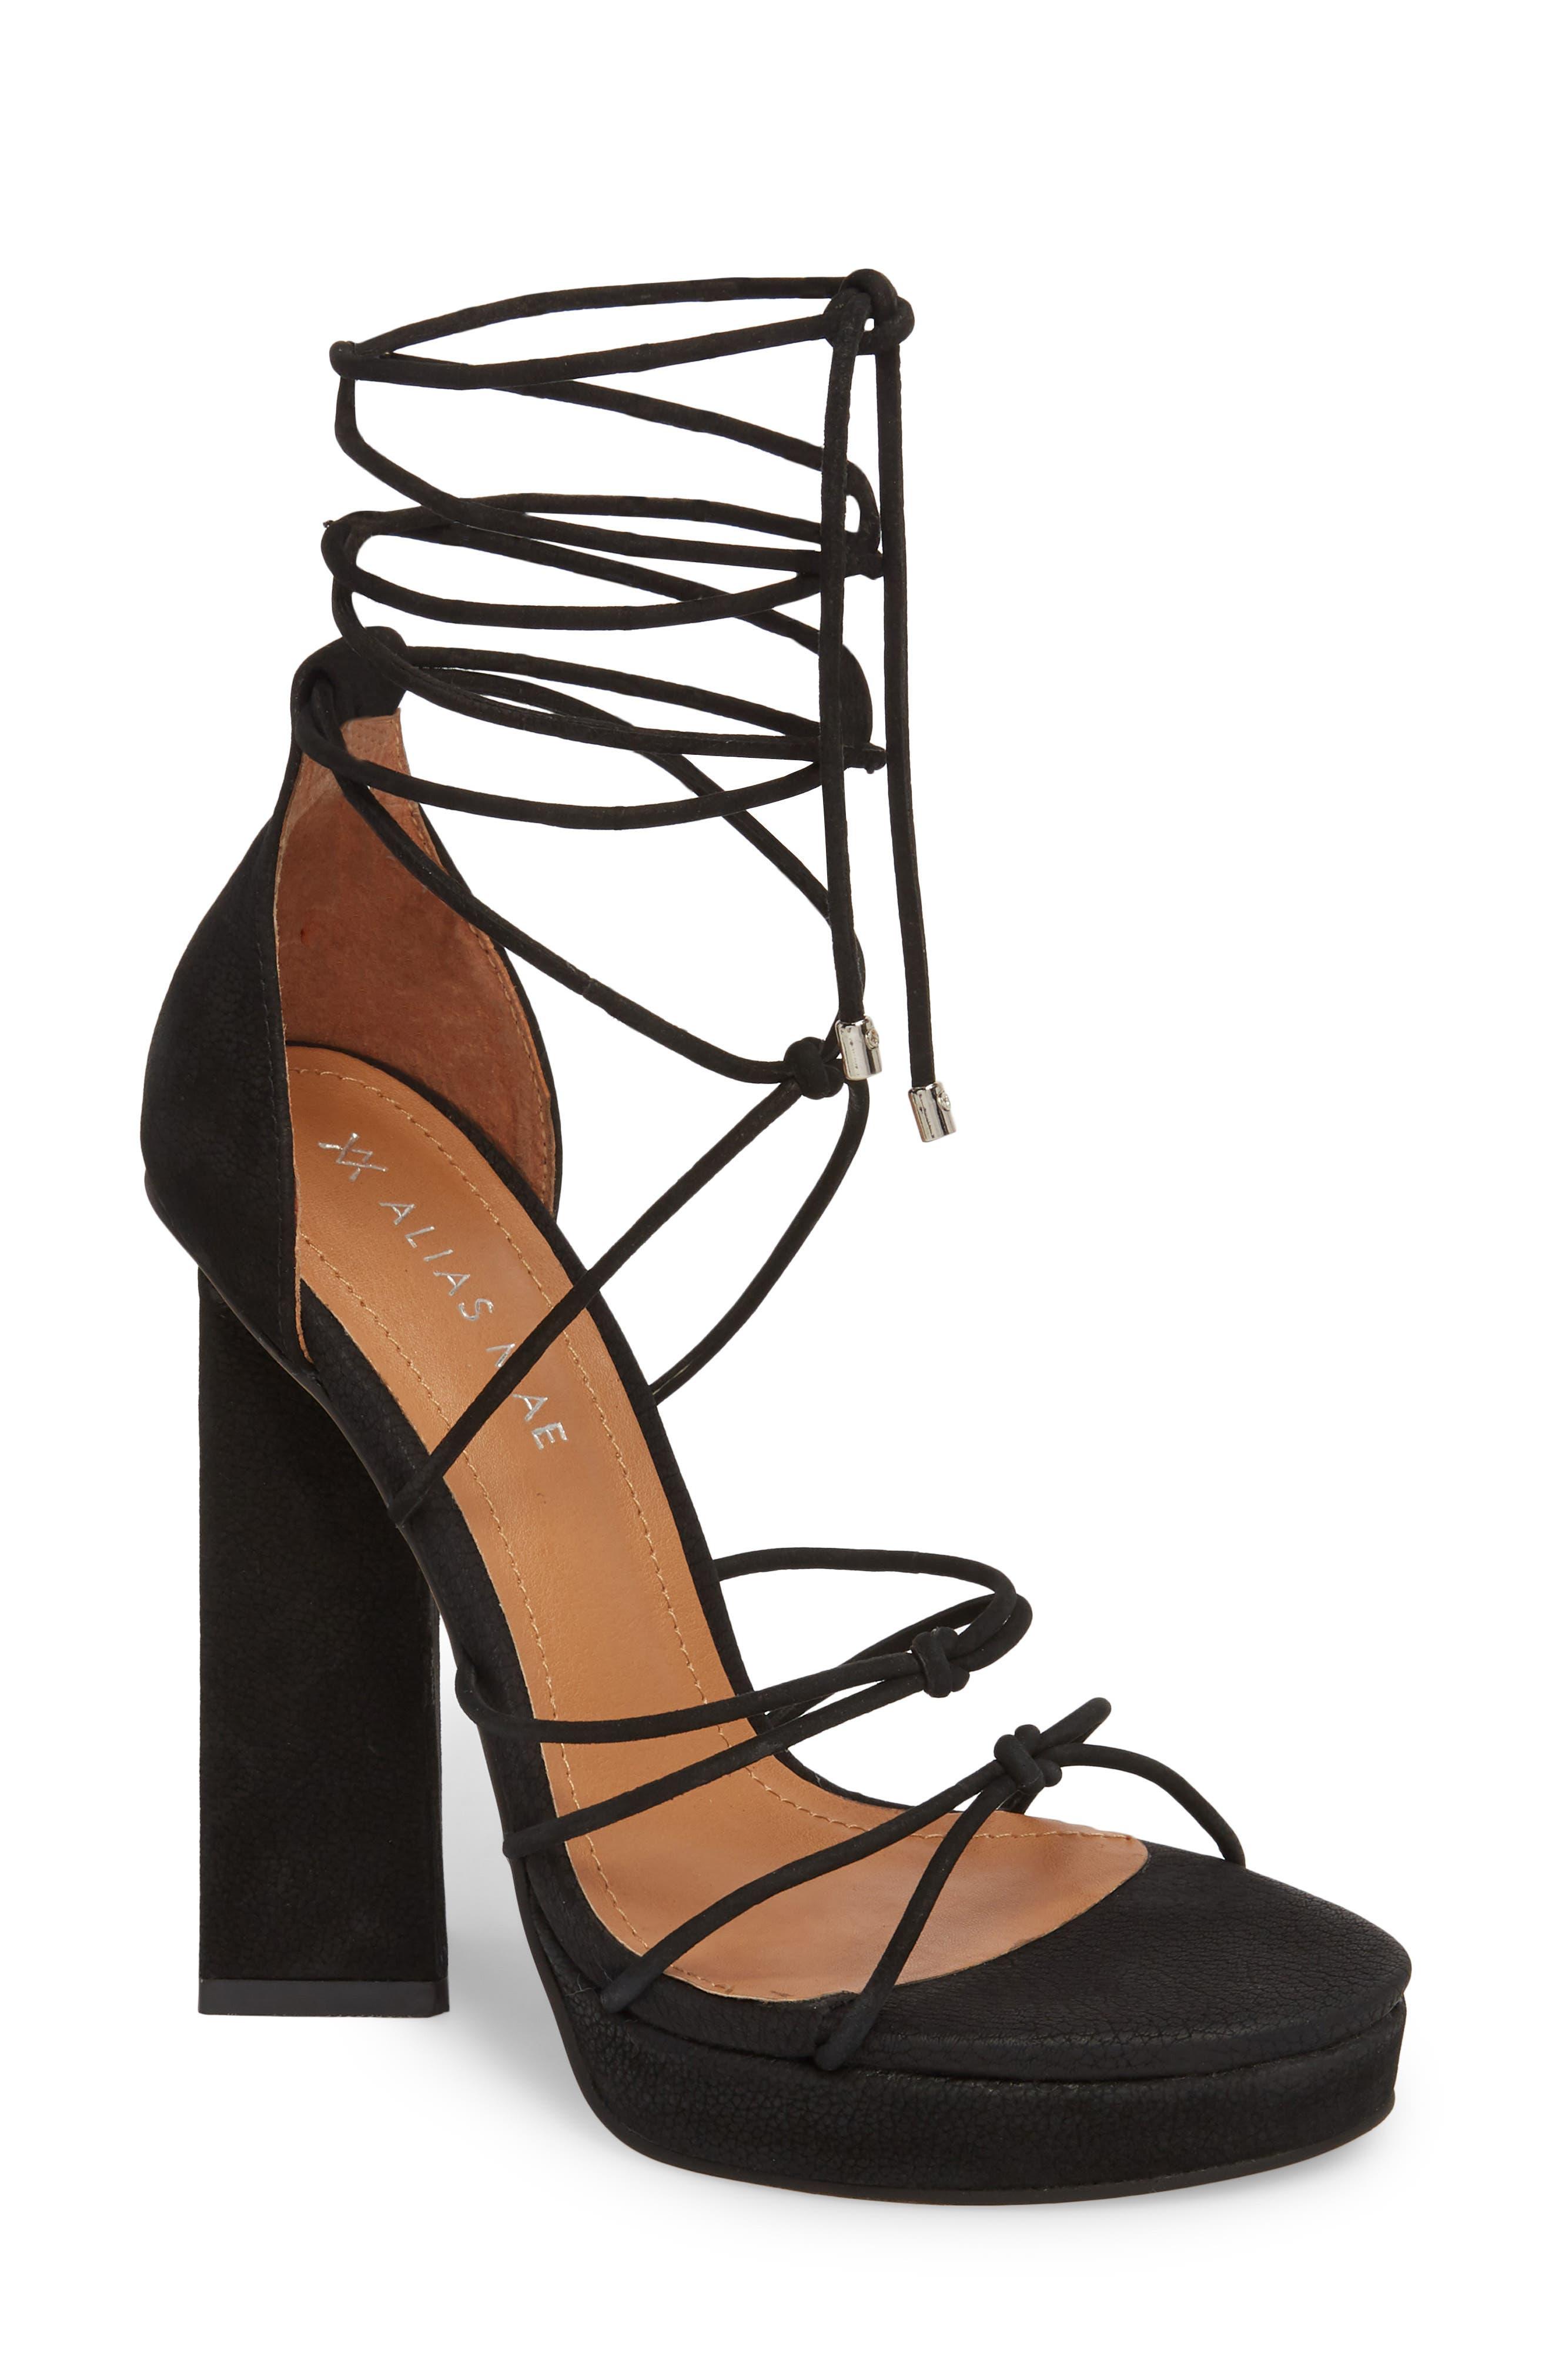 Bordega Ankle Wrap Sandal,                             Main thumbnail 1, color,                             Black Leather